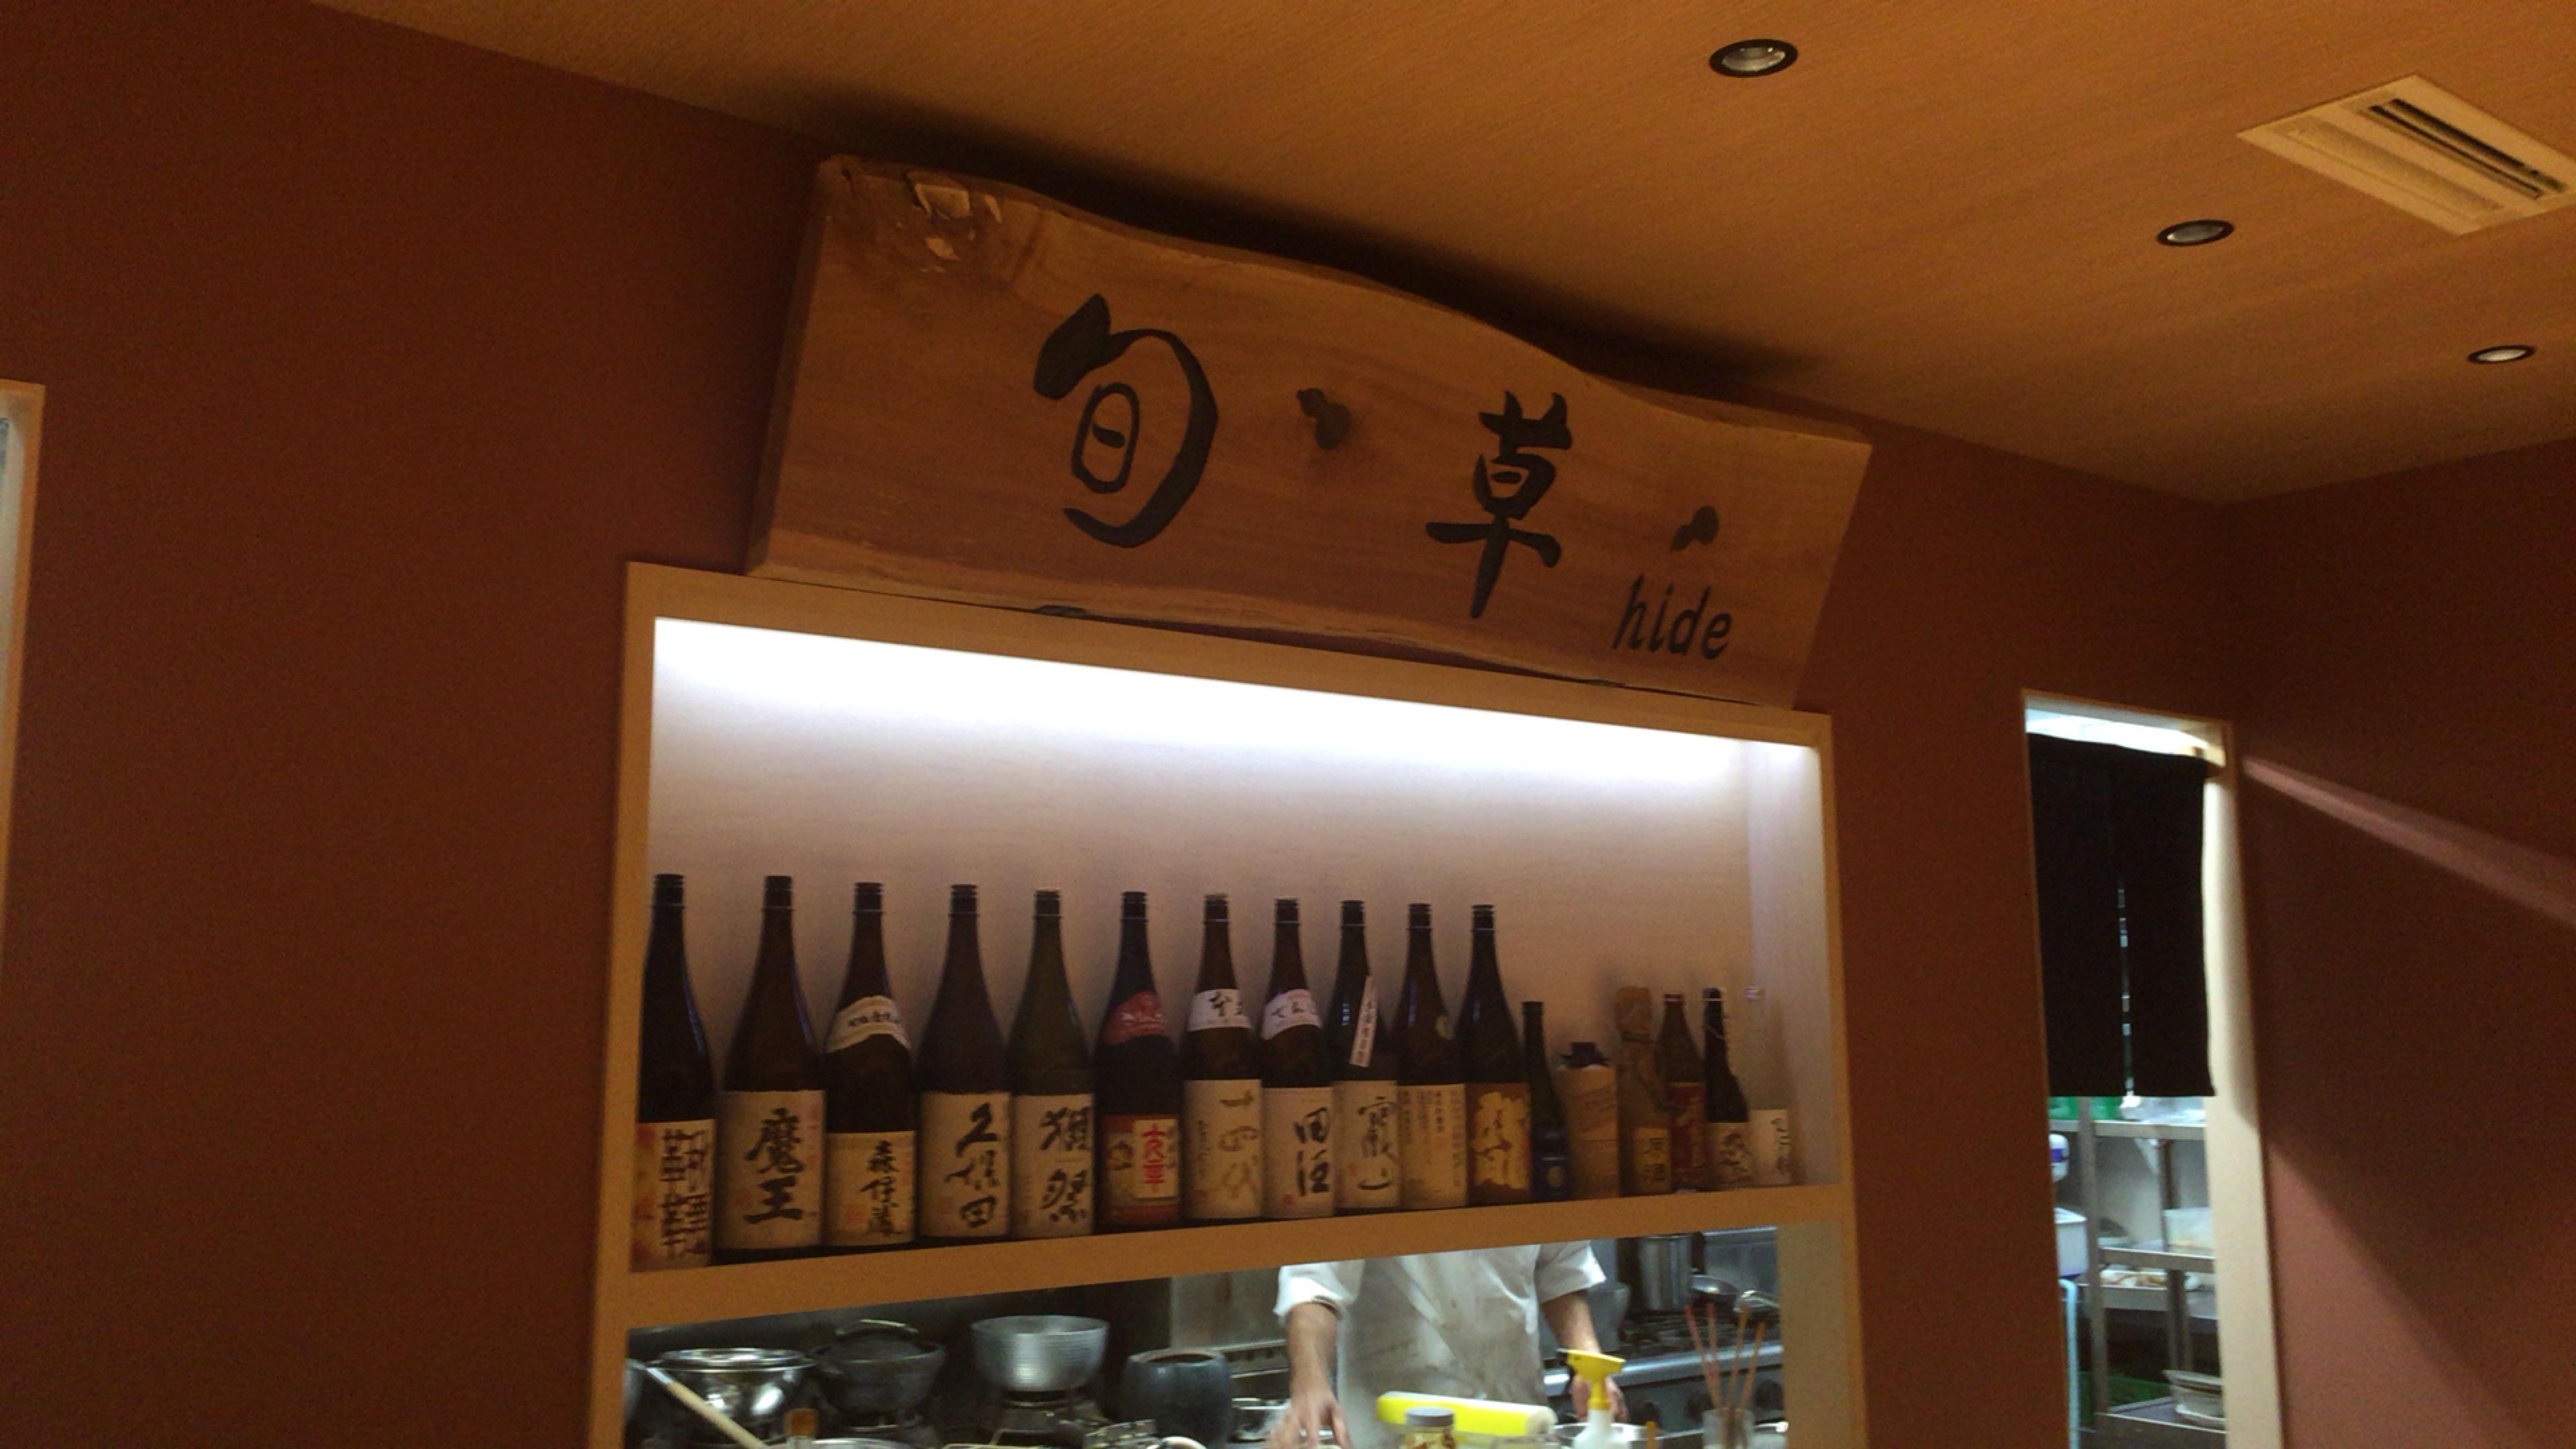 大阪ミナミの宗衛門町にある小料理・割烹『旬草hide』店内日本酒